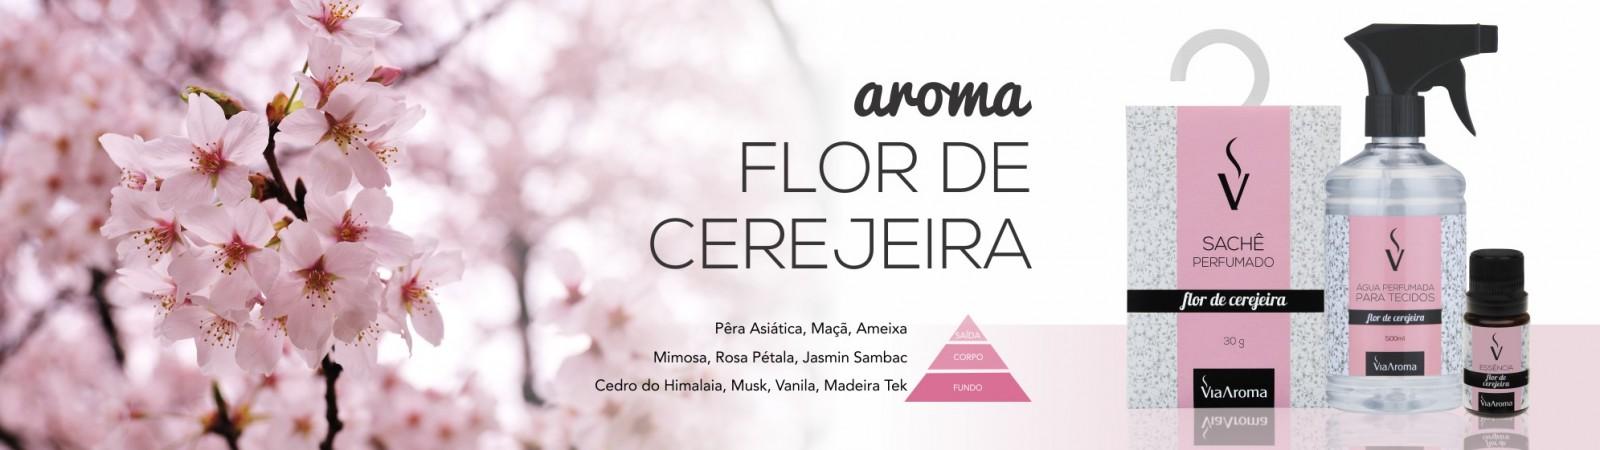 banner home aroma flor de cerejeira